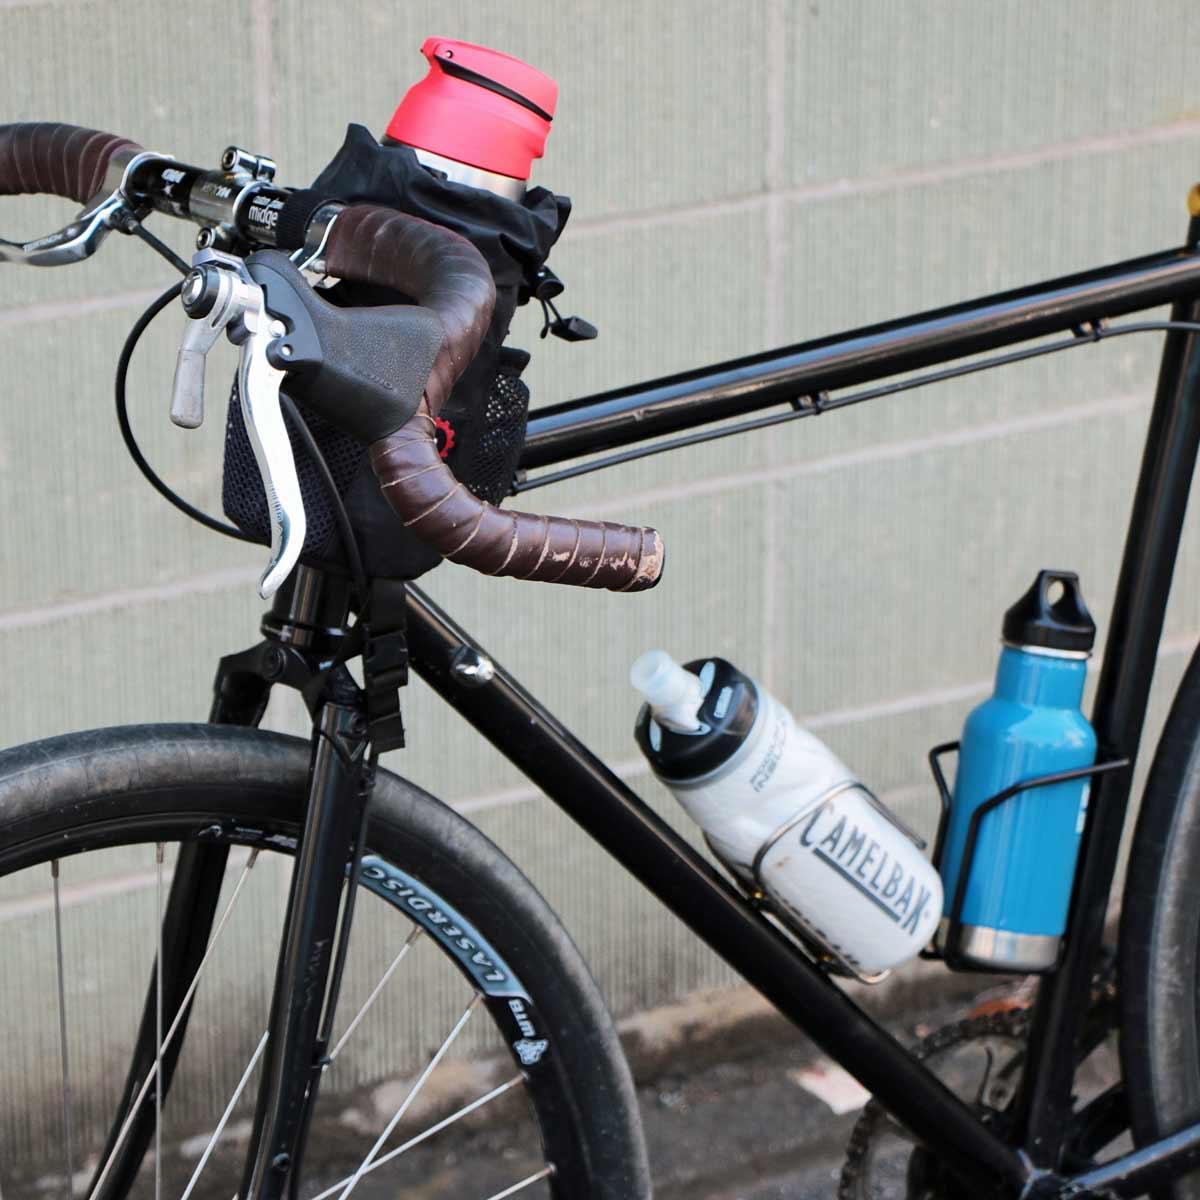 夏に自転車で長距離走行する人に! 熱中症やハンガーノックにならないための基本対策